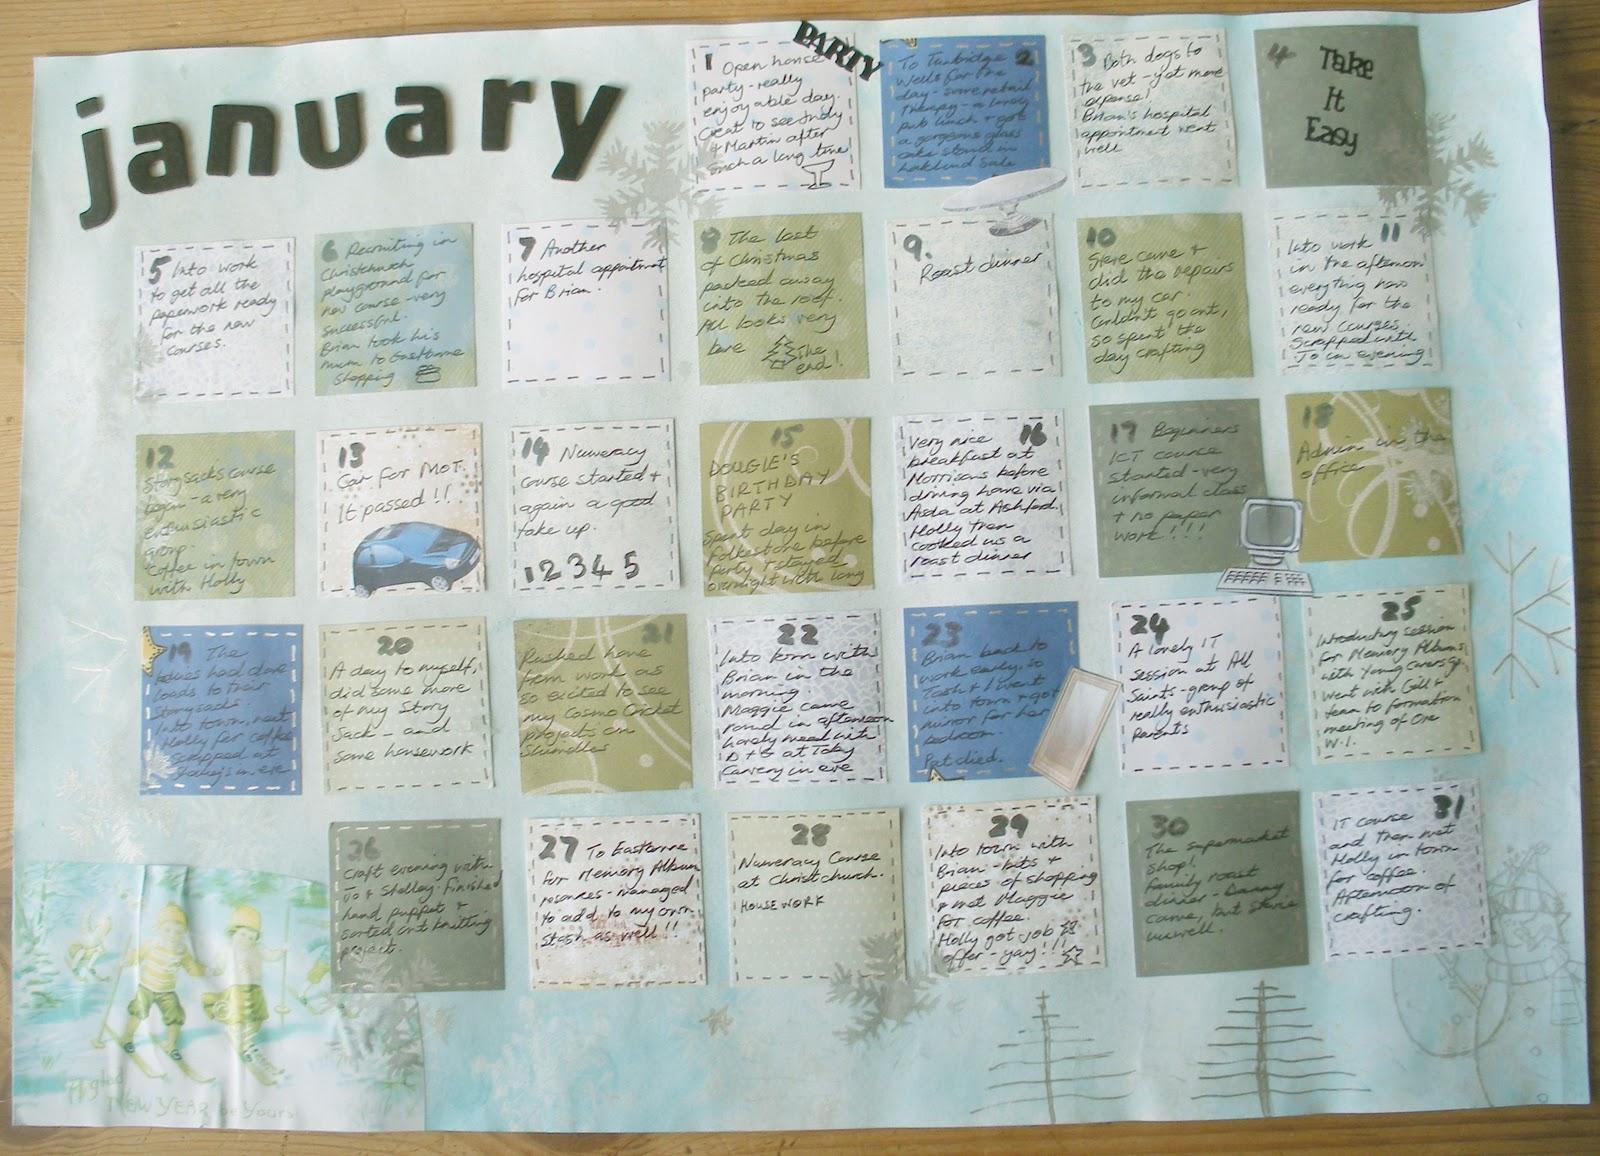 Calendar Art Journal : Scrappyjacky february art journal calendar